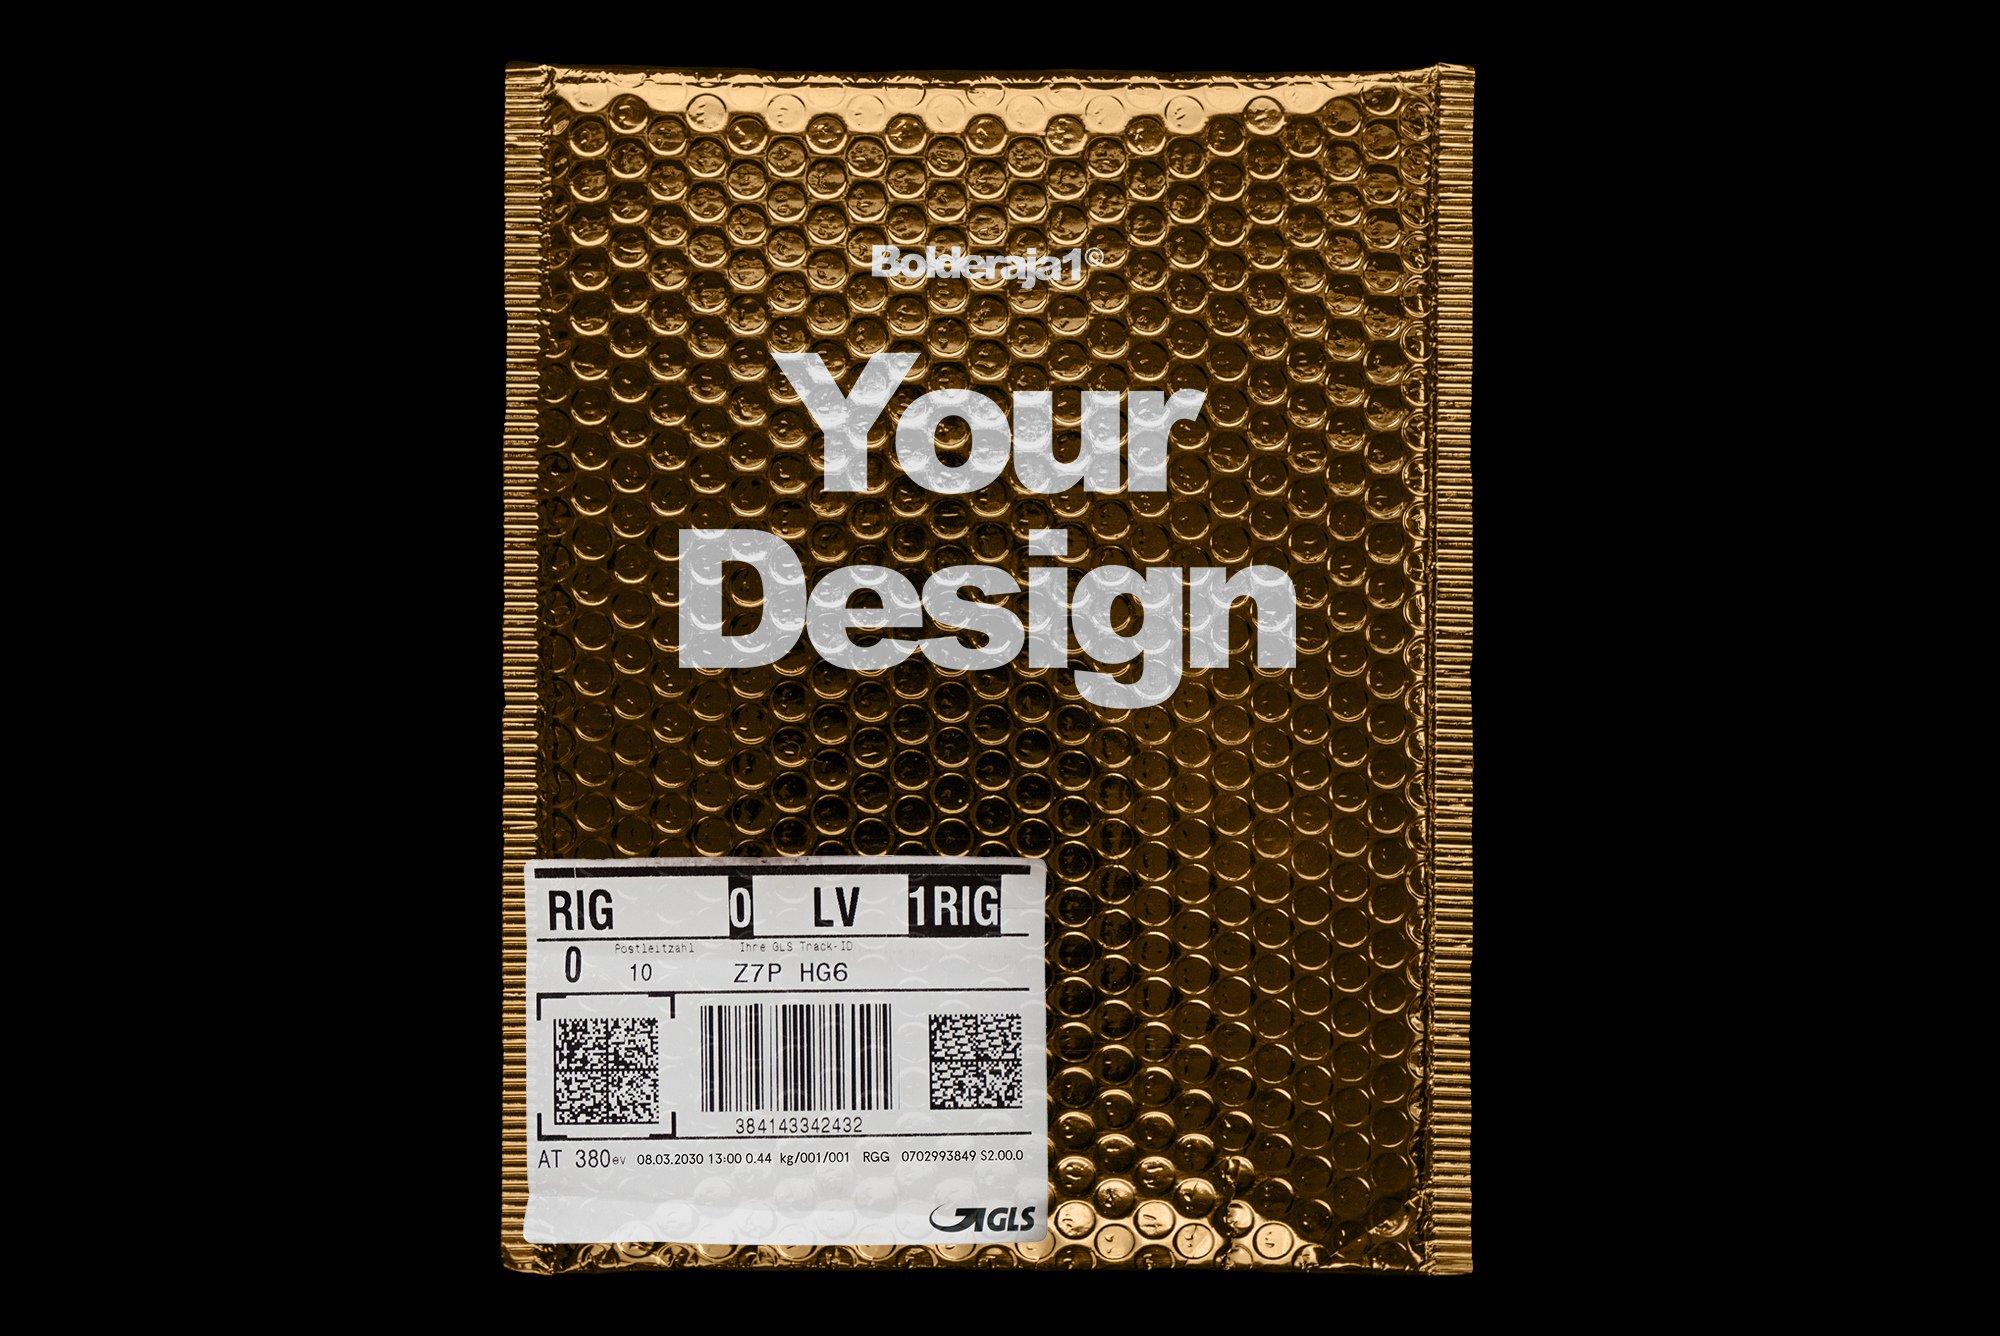 潮流金属铝箔气泡防震邮寄包装袋设计智能贴图样机模板 Gold Plastic Bag Mockup插图(2)